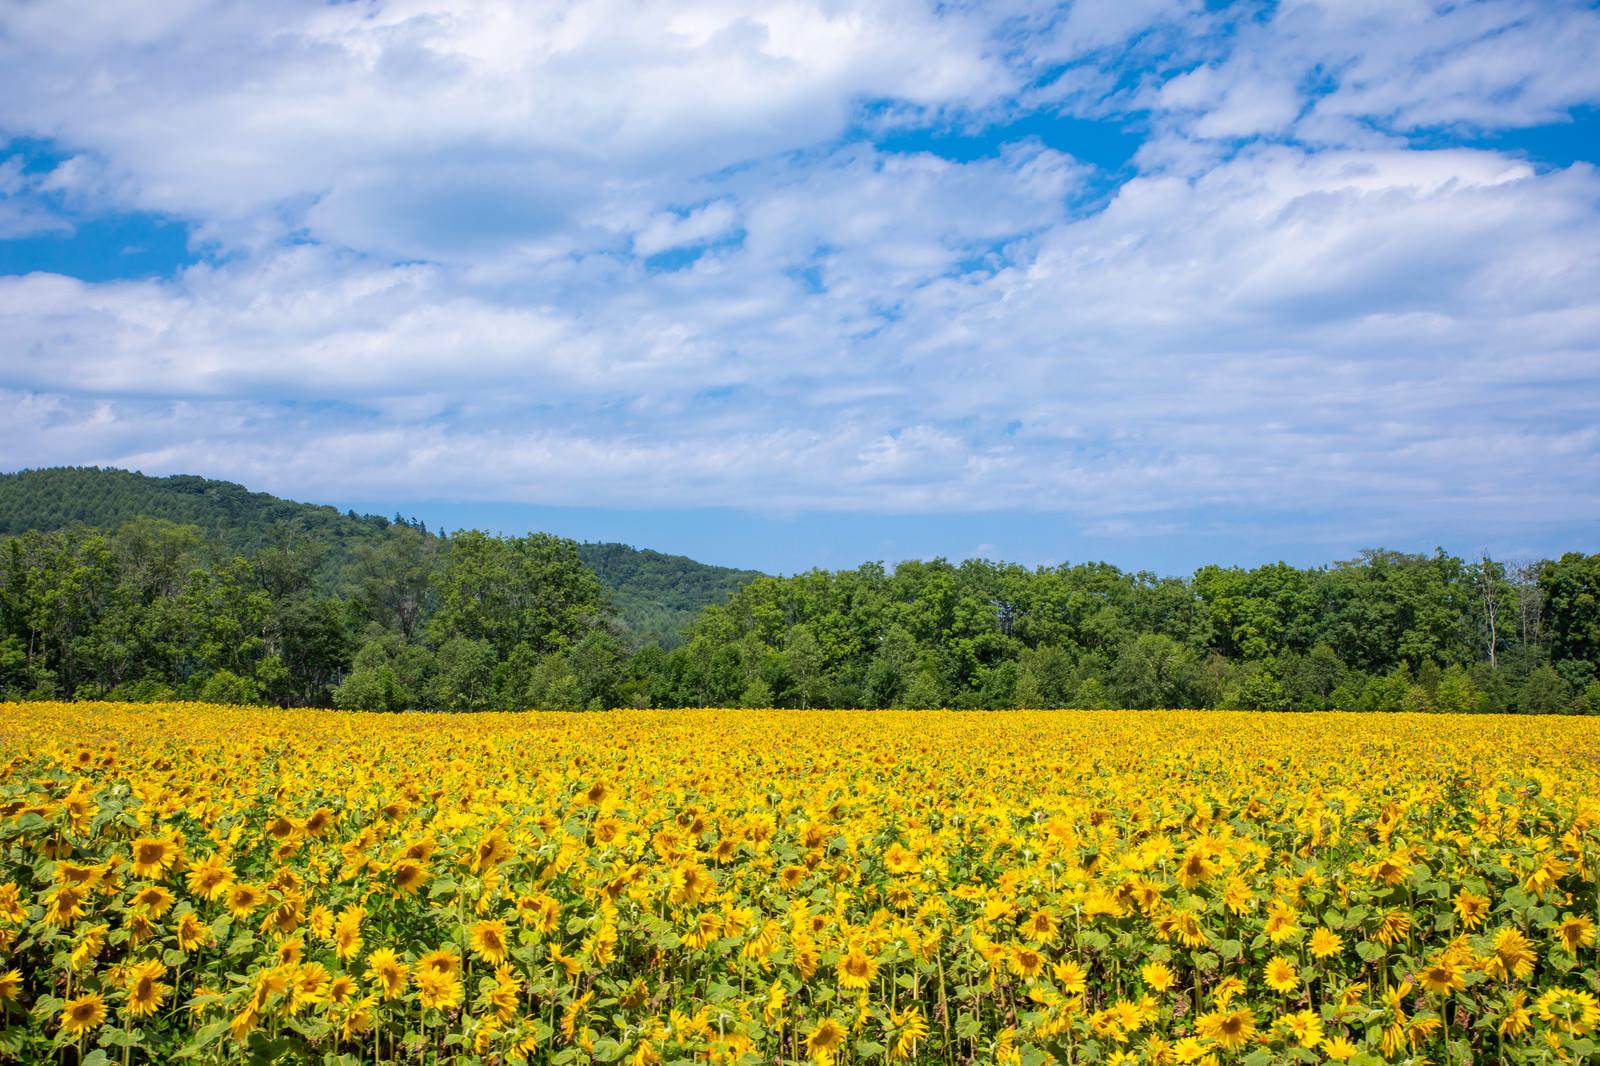 「夏休みに来たヒマワリ畑」の写真